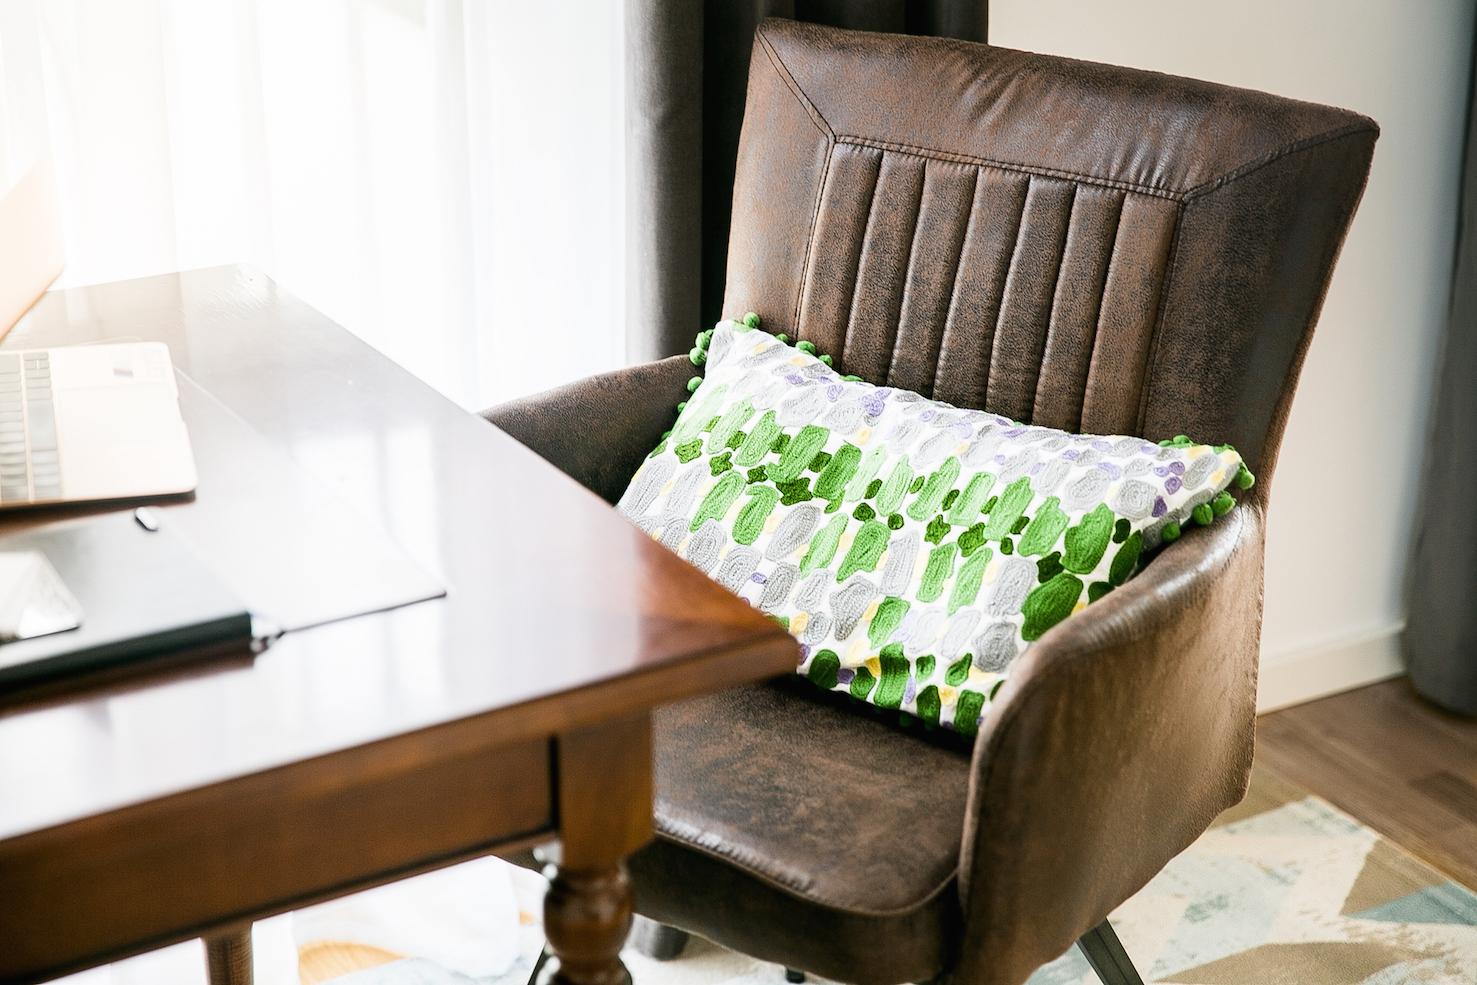 den arbeitsplatz harmonisch ins wohnzimmer integrieren pepper and gold. Black Bedroom Furniture Sets. Home Design Ideas